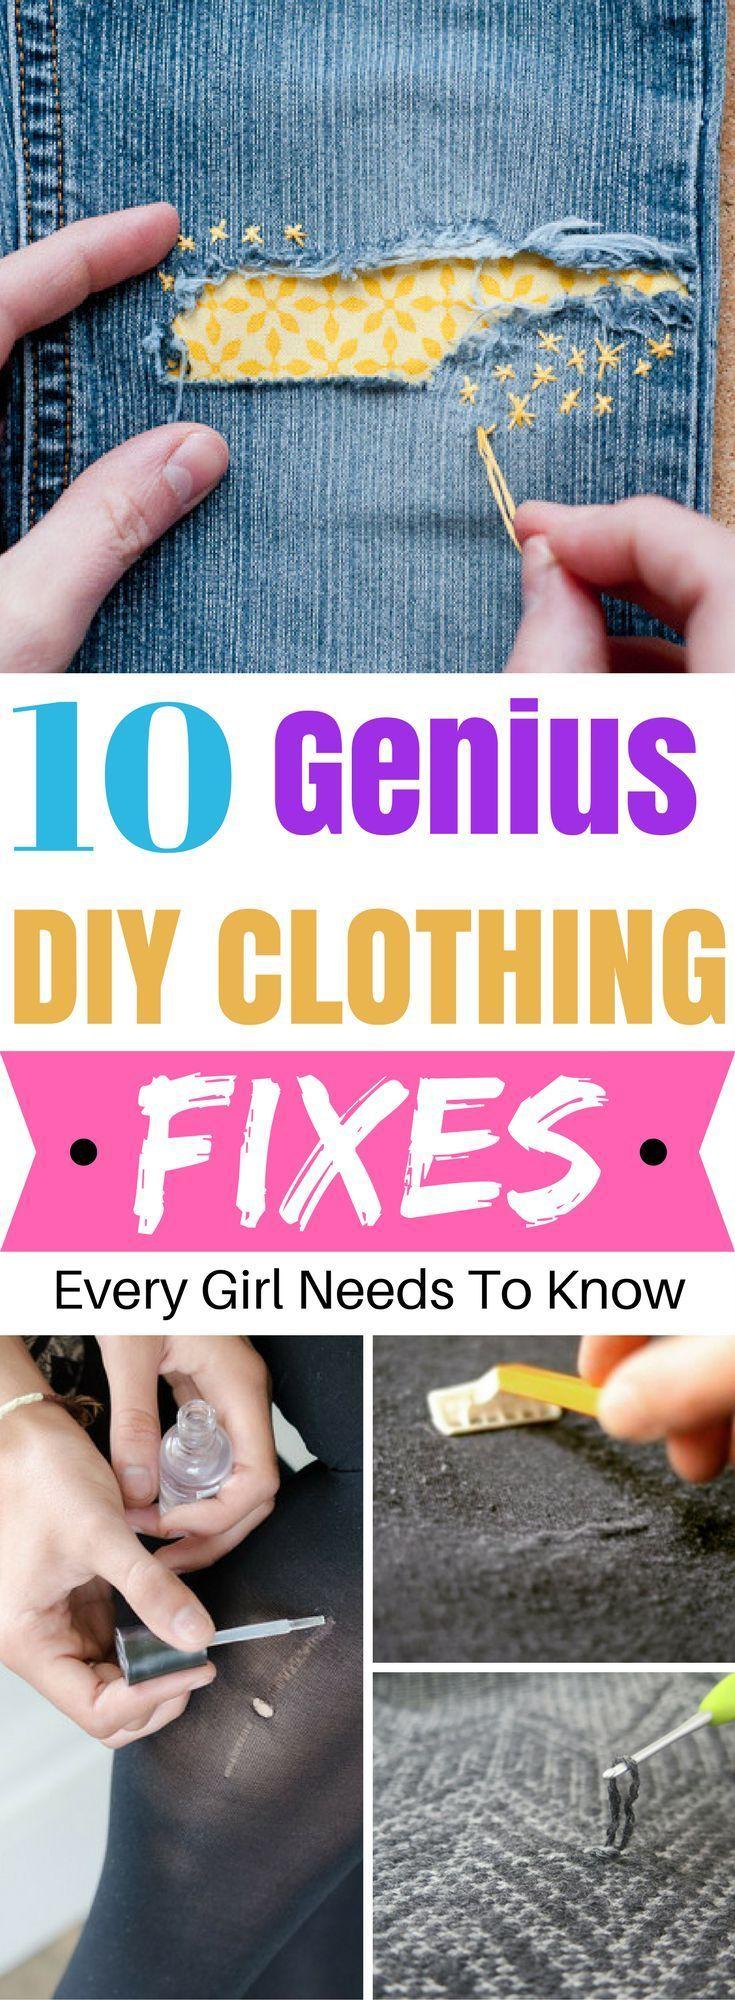 Geniale Möglichkeiten, beschädigte Kleidung zu reparieren! Ein Muss für jeden, der Gerinnsel liebt …